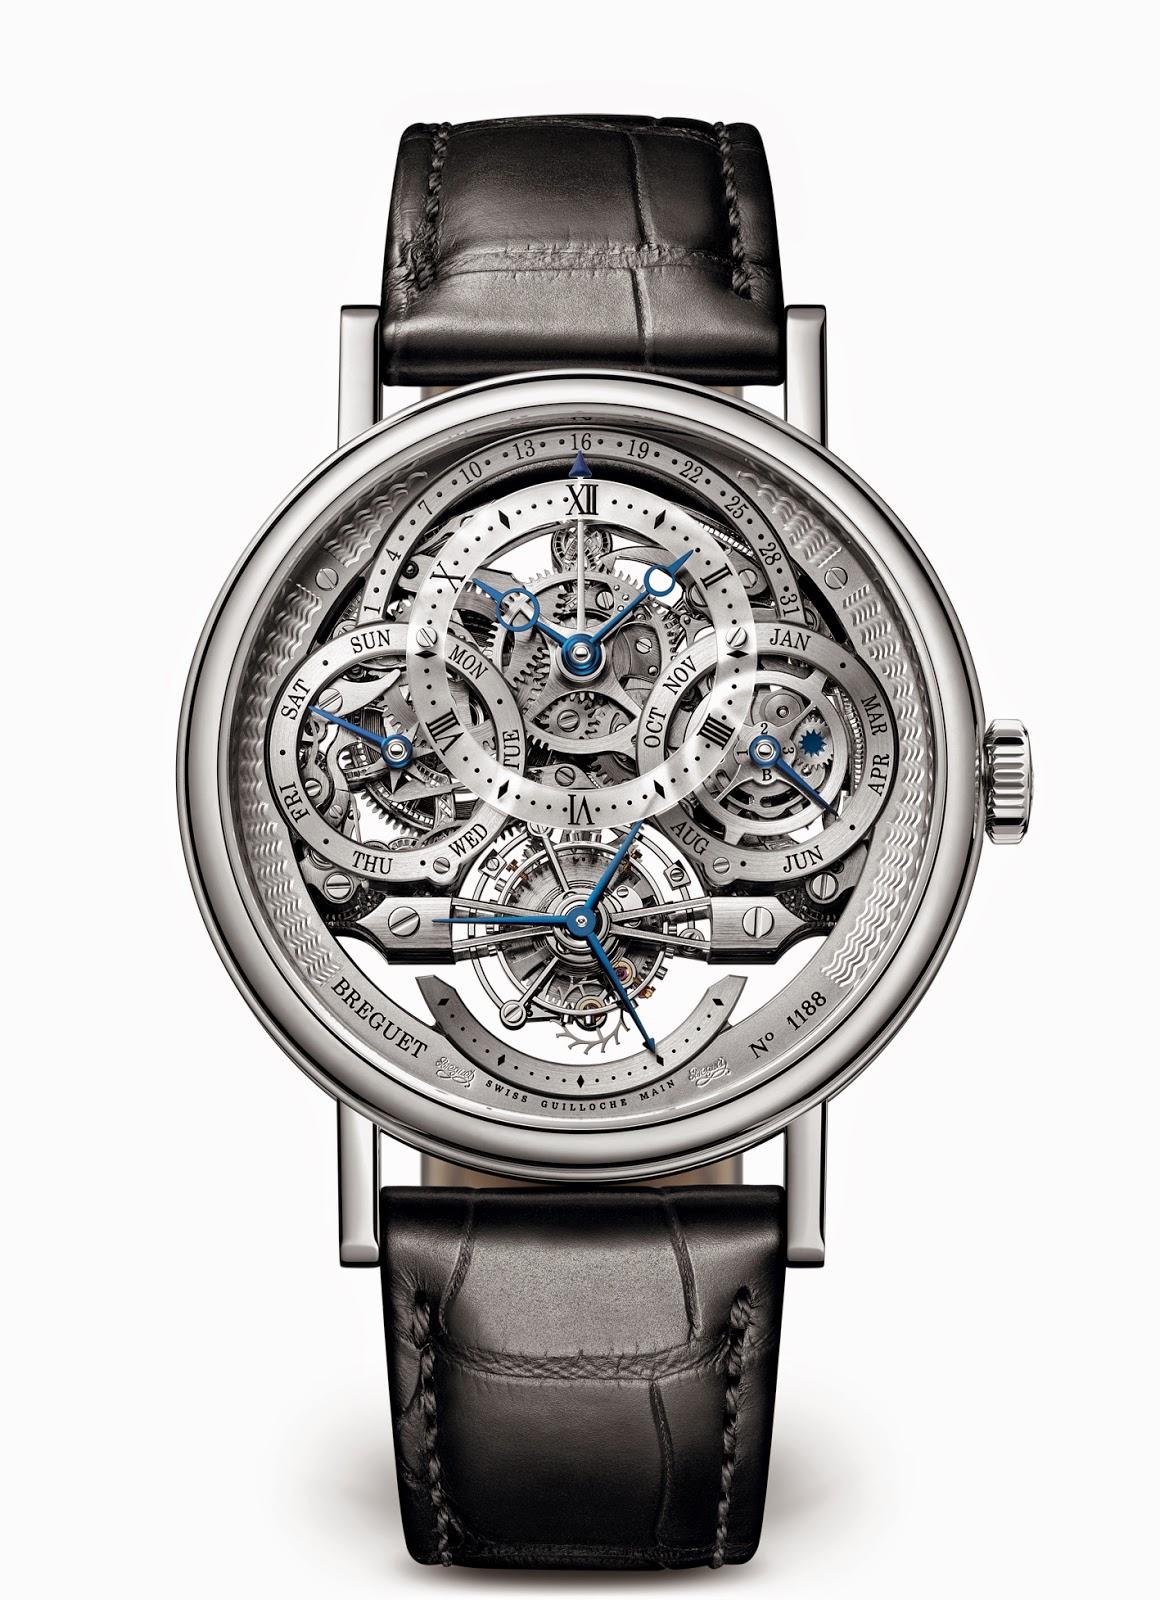 Breguet nuevos modelos y Basel 2015 10